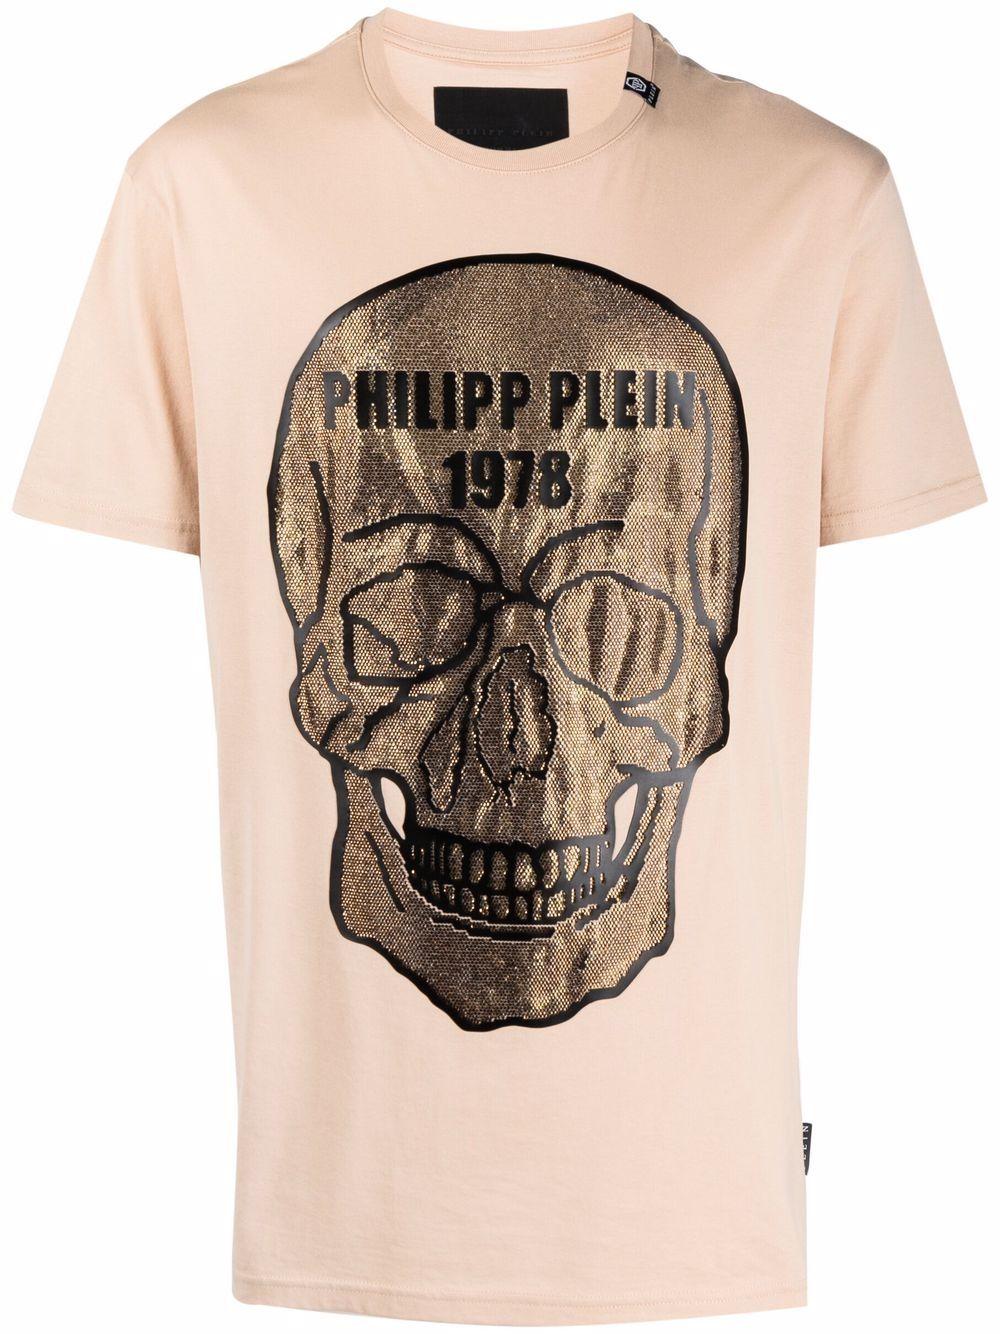 Philipp Plein T-Shirt mit Kristallen - Nude